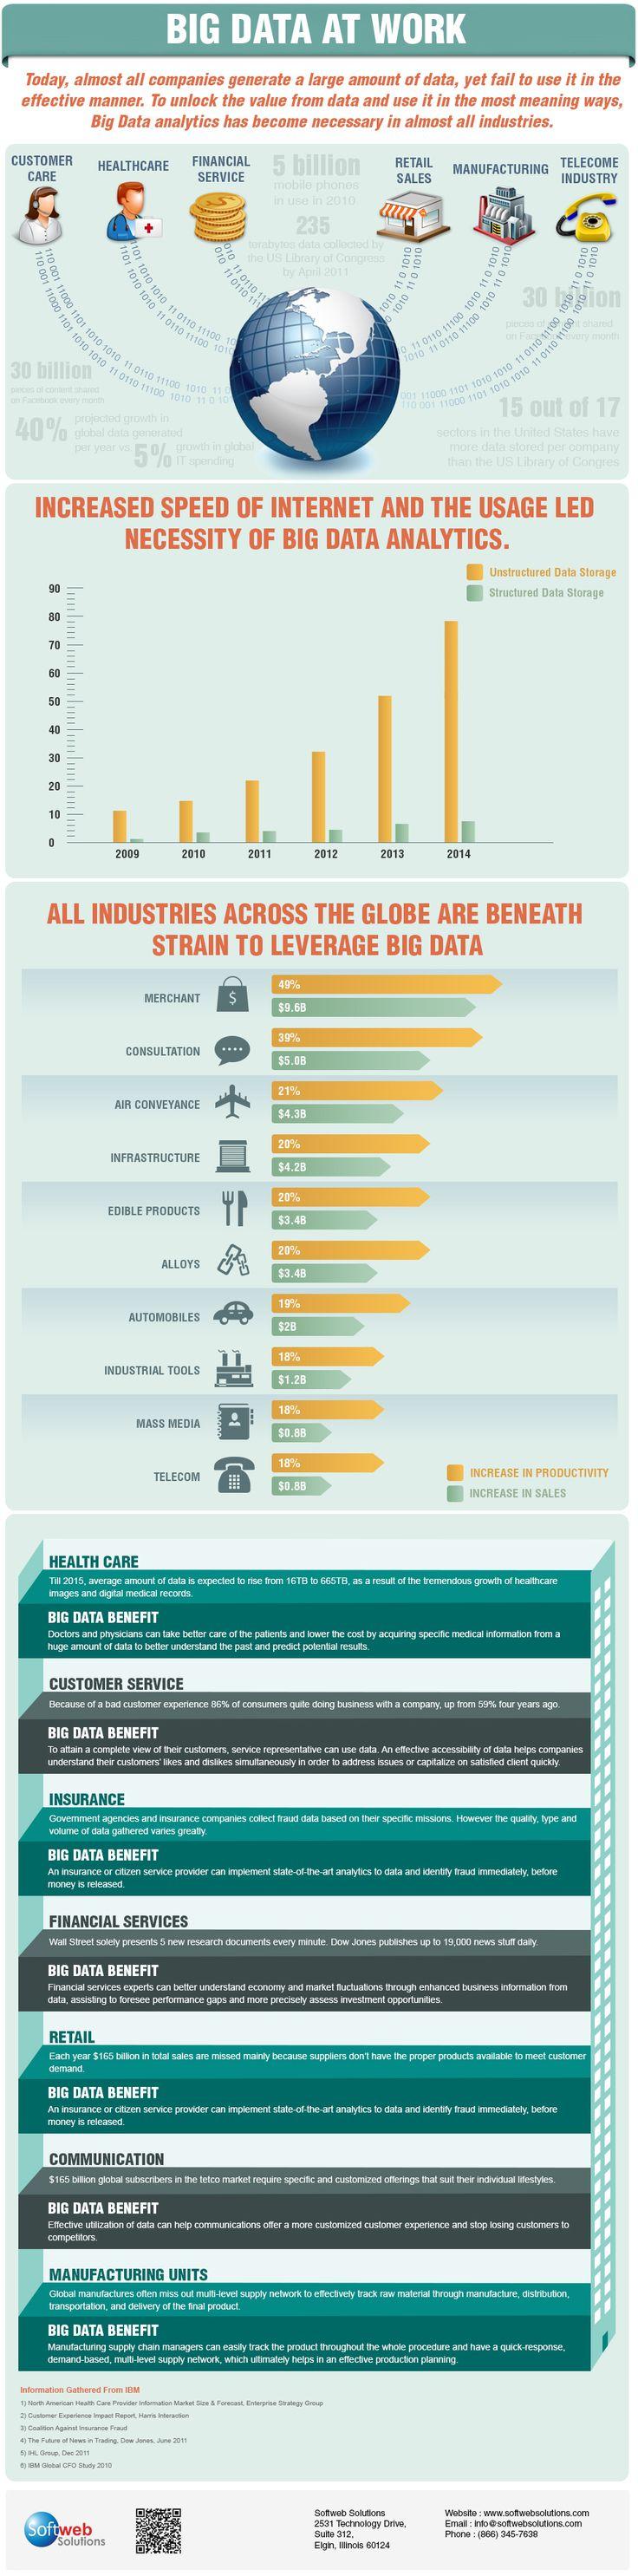 Big Data en los diferentes sectores #infografia #infographic